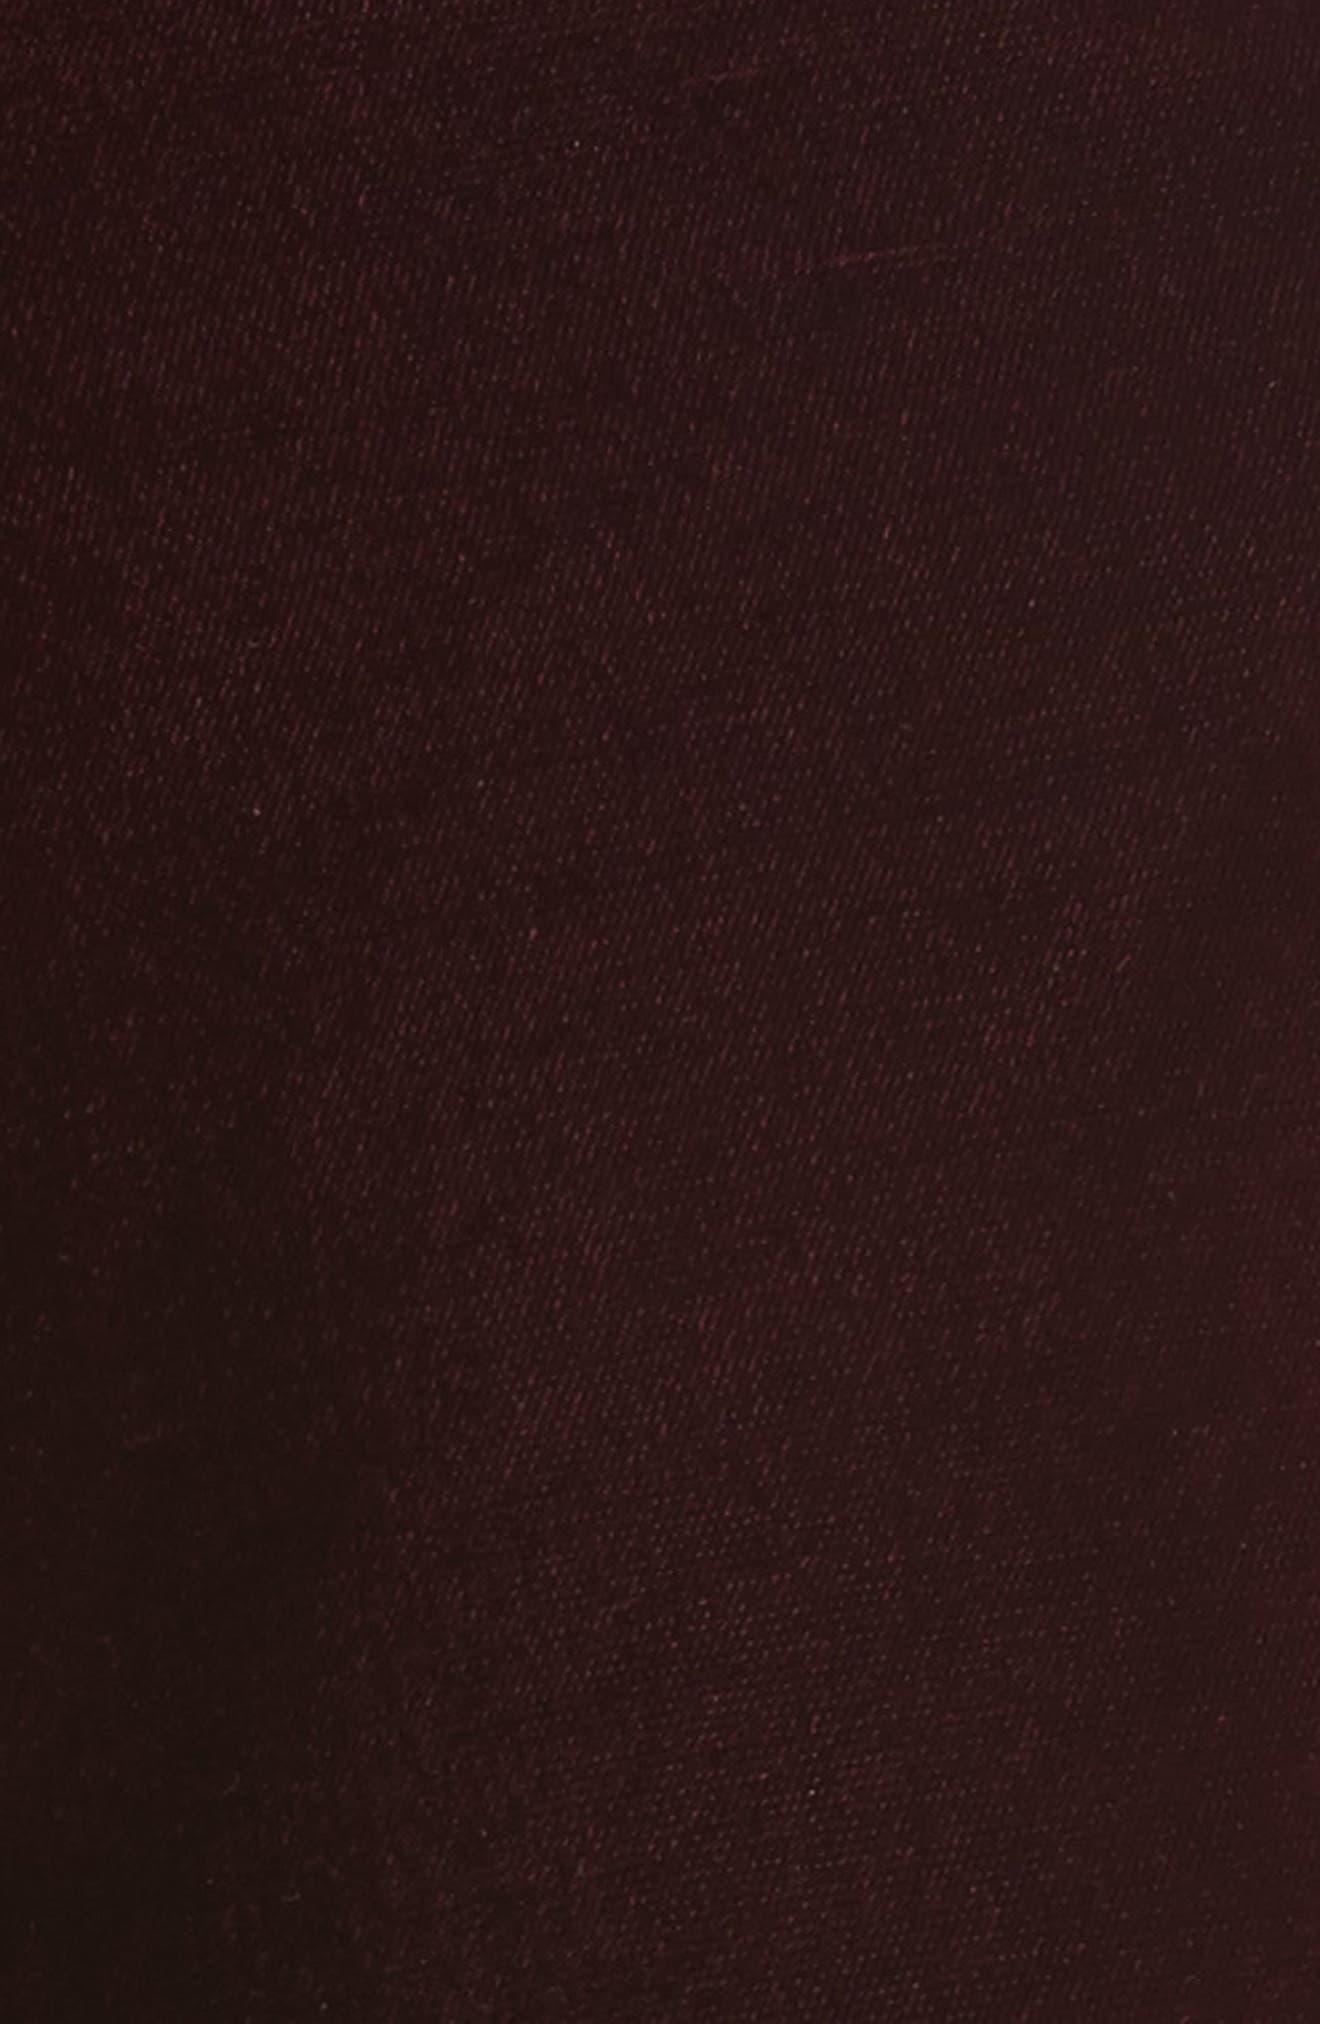 Bonded Velvet Crop Pants,                             Alternate thumbnail 6, color,                             Burgundy